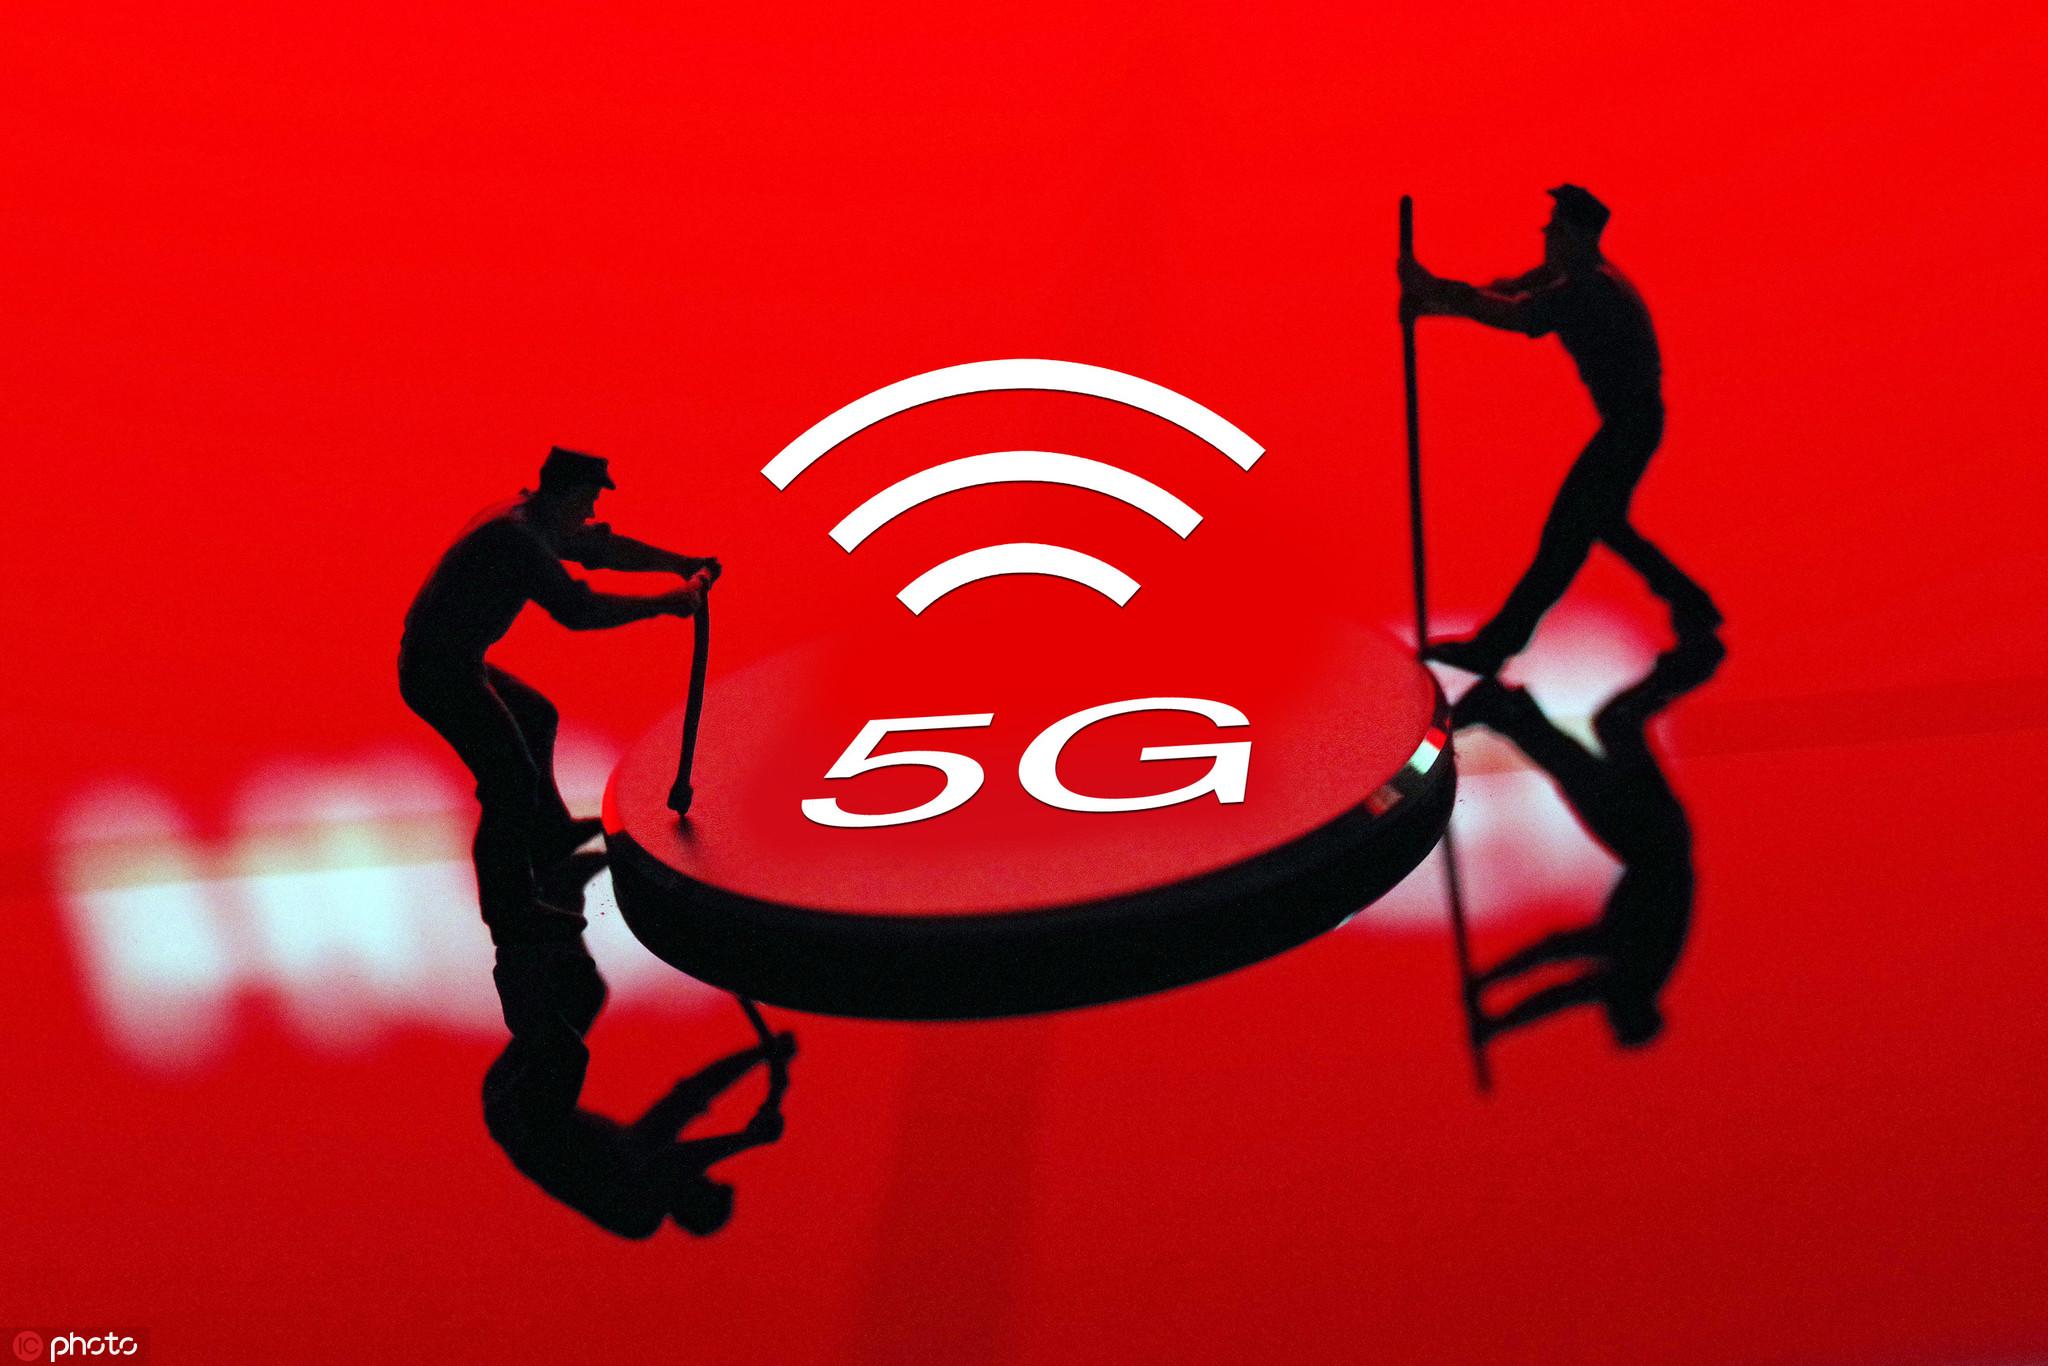 5G,苹果,诺基亚,5G